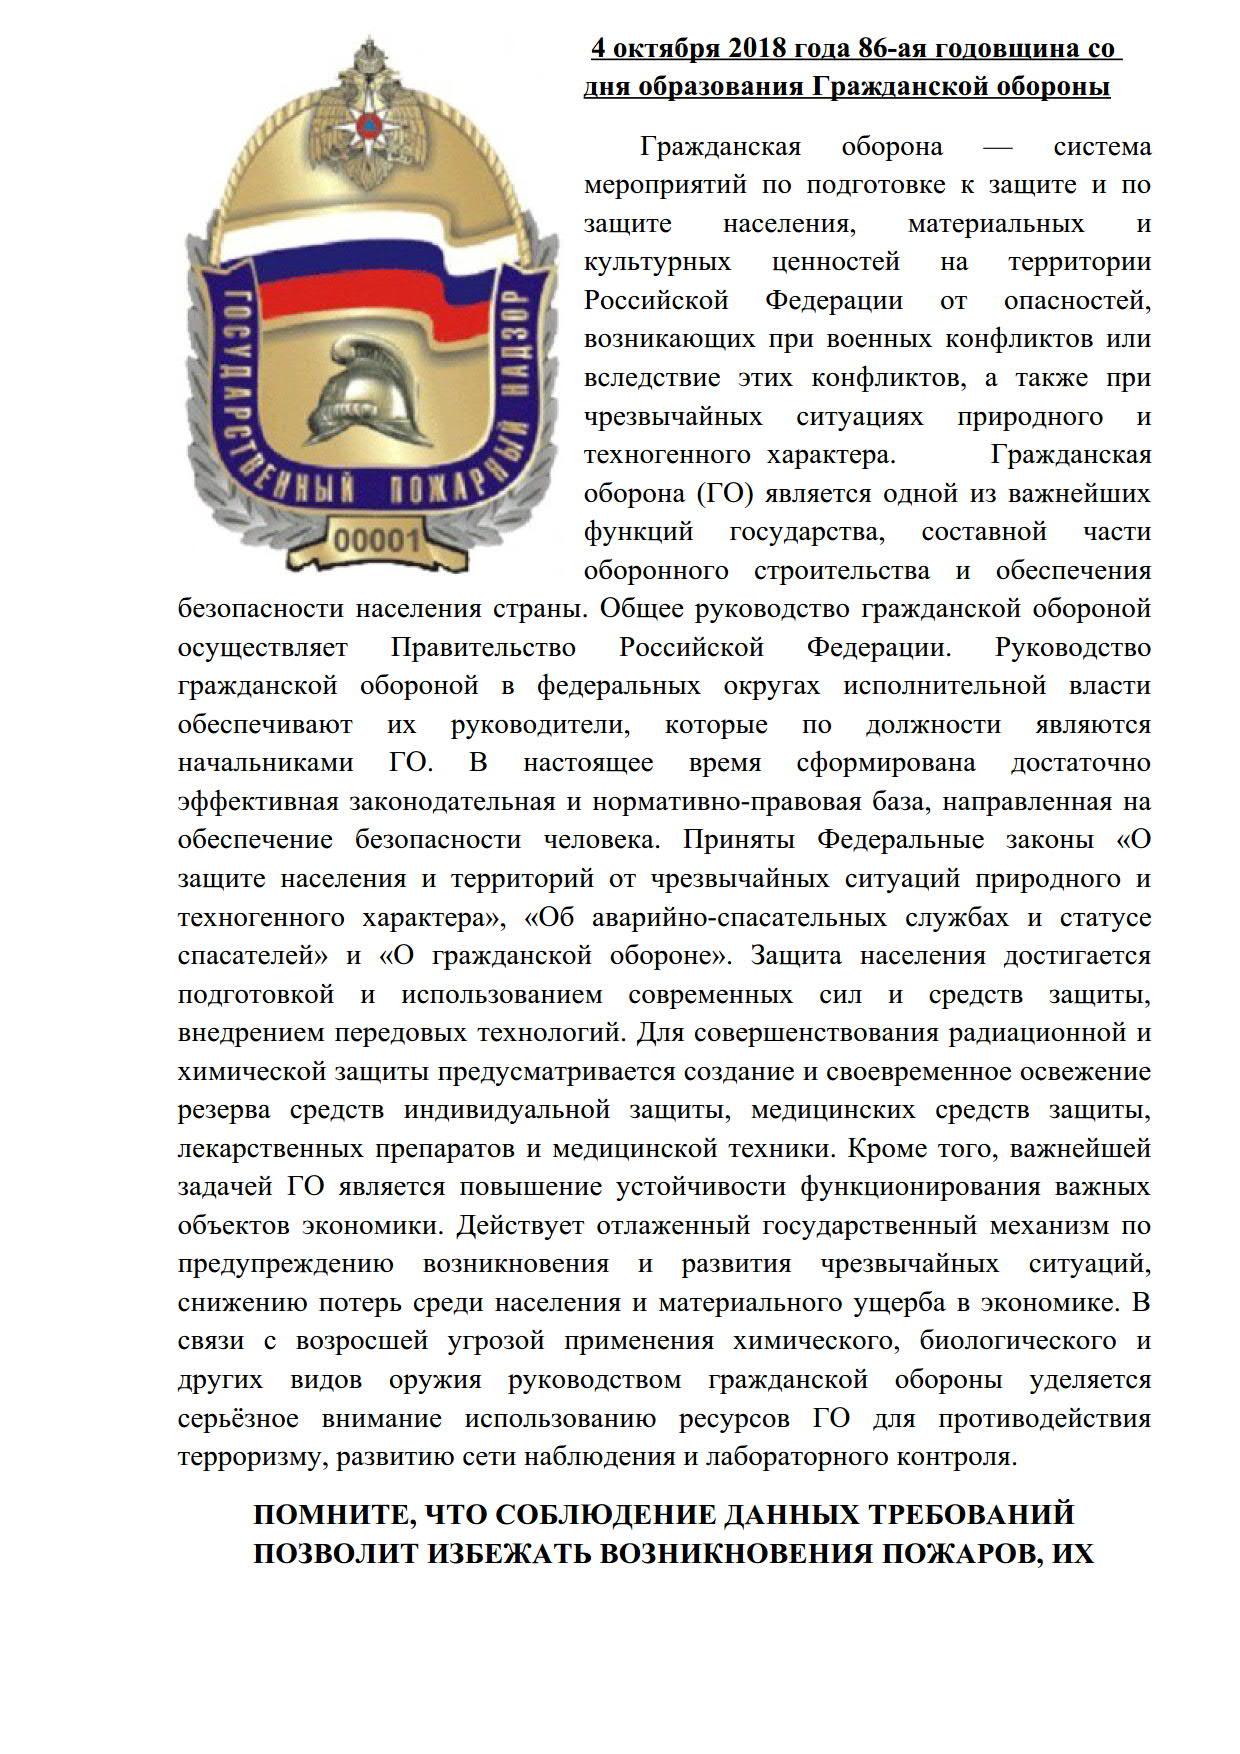 Статья ГО_1